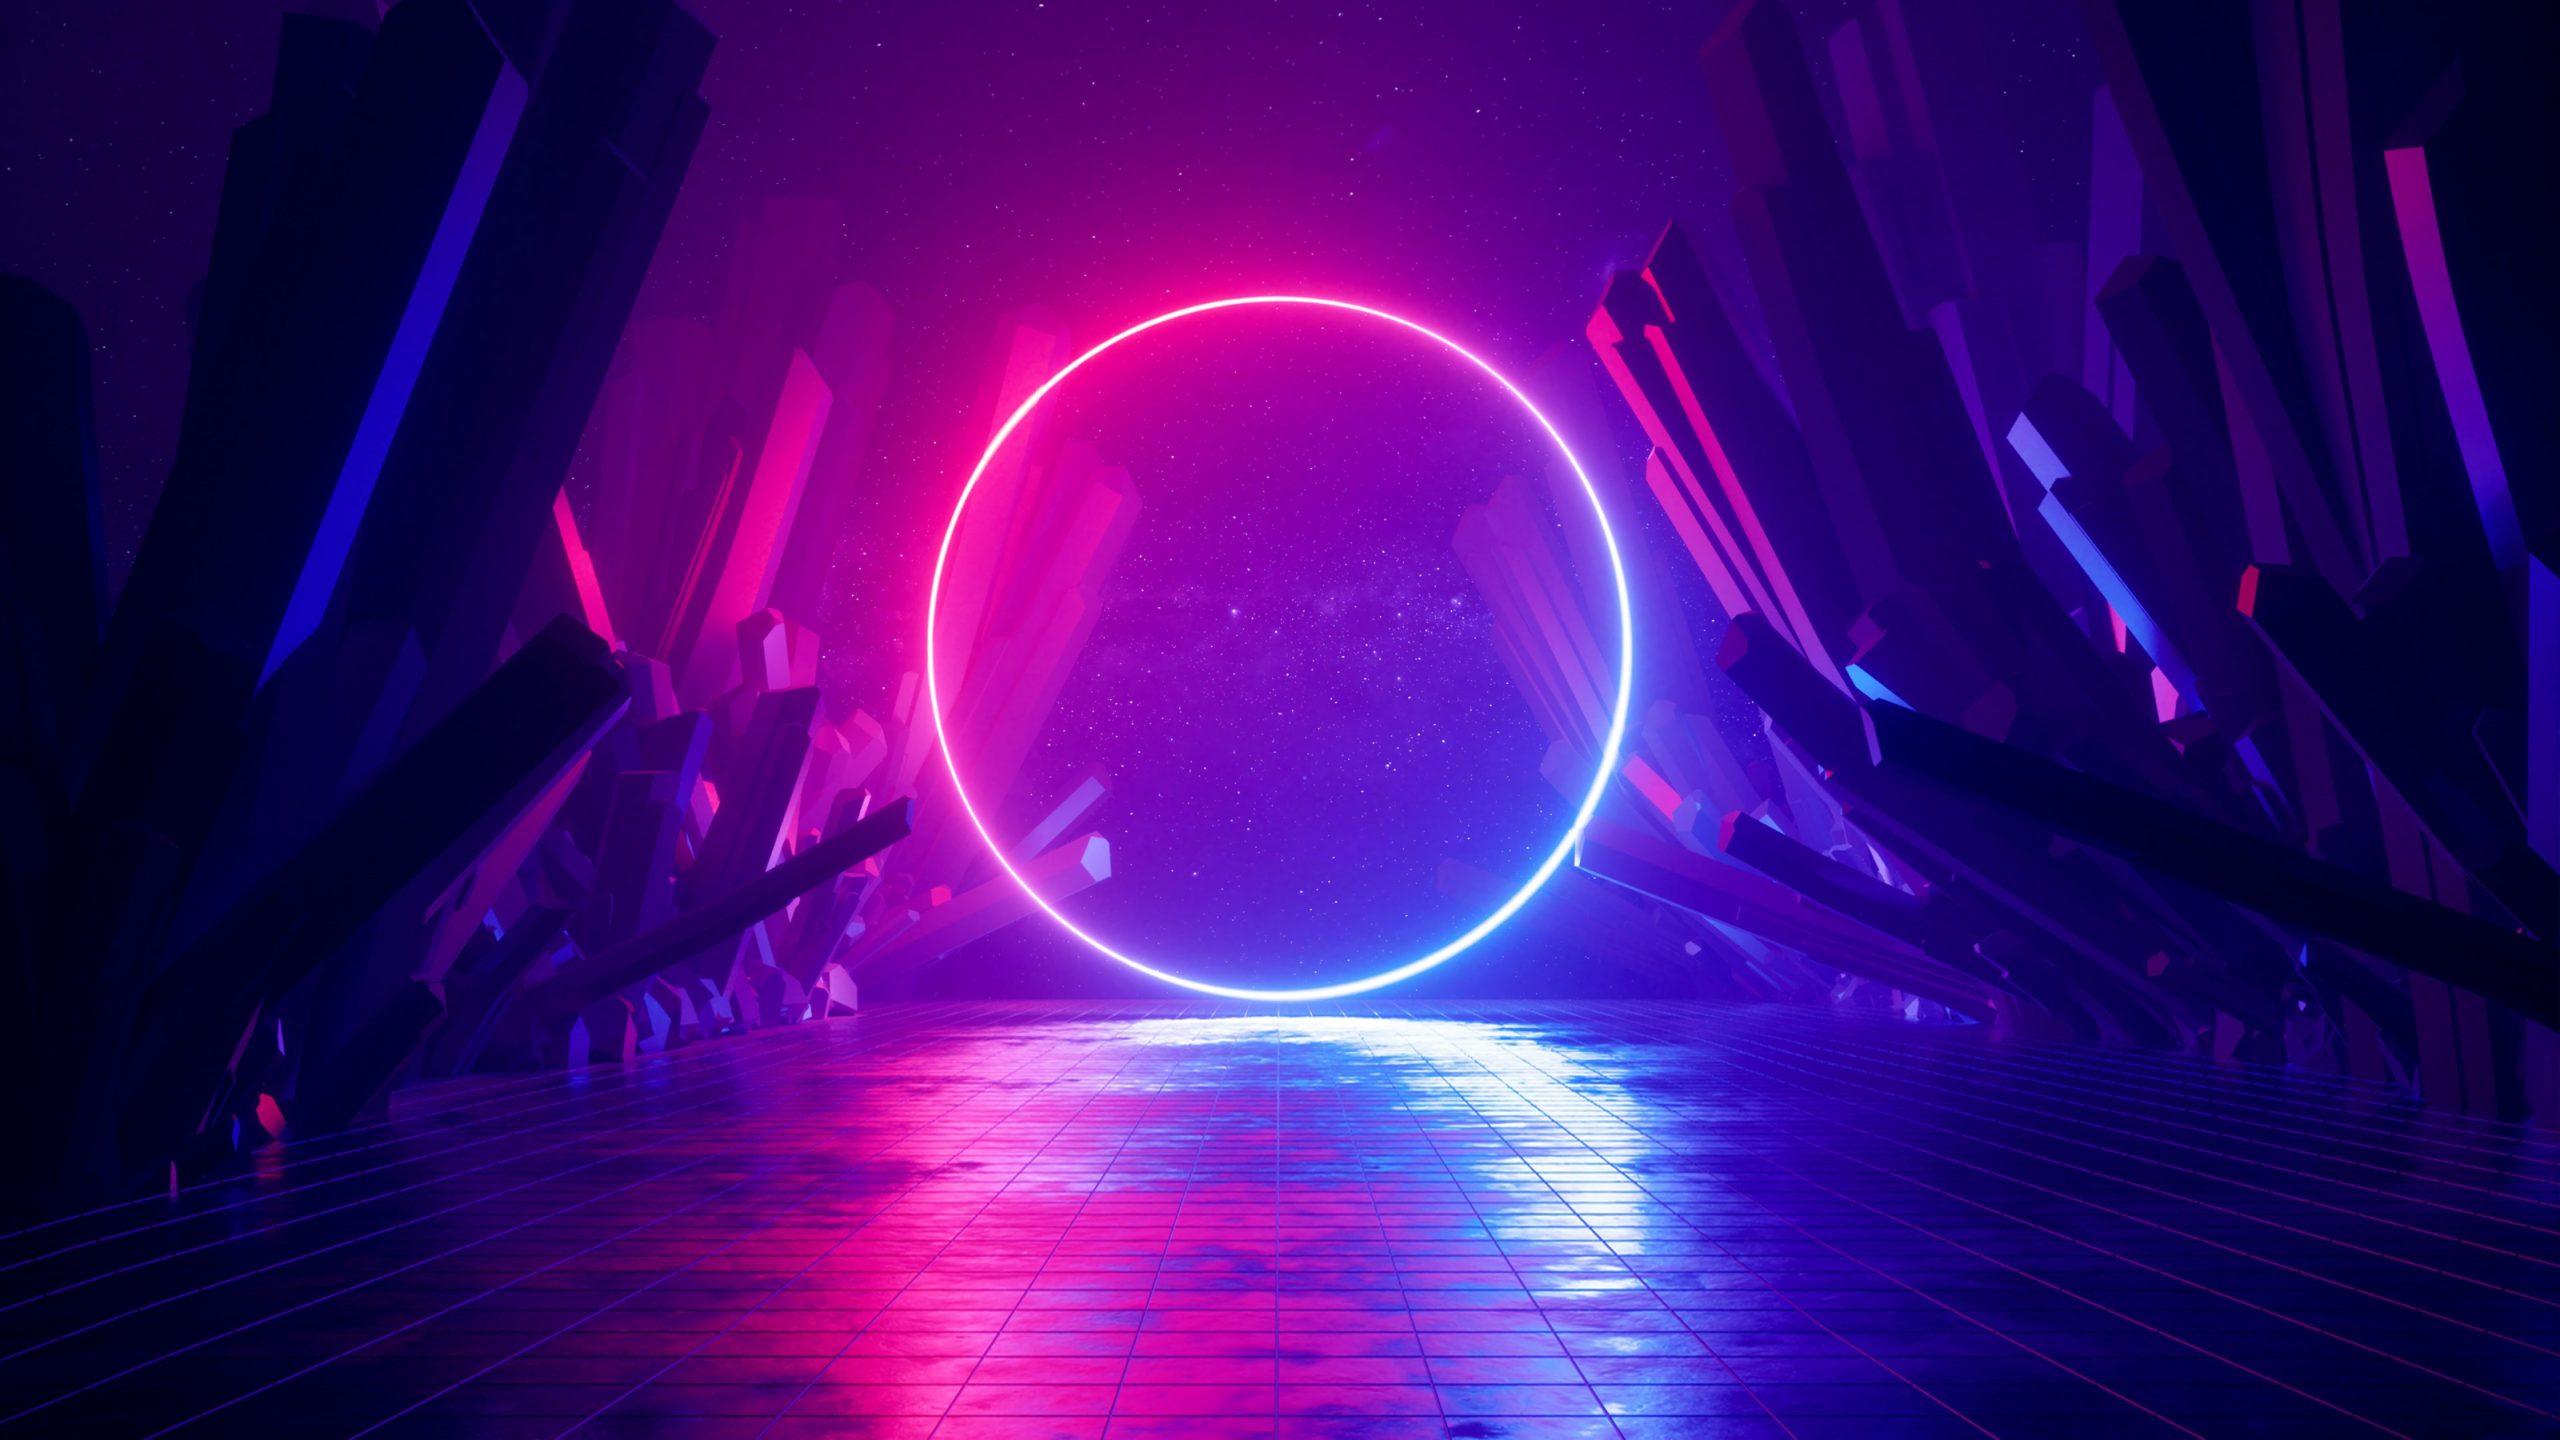 Ультрафиолет неон космос